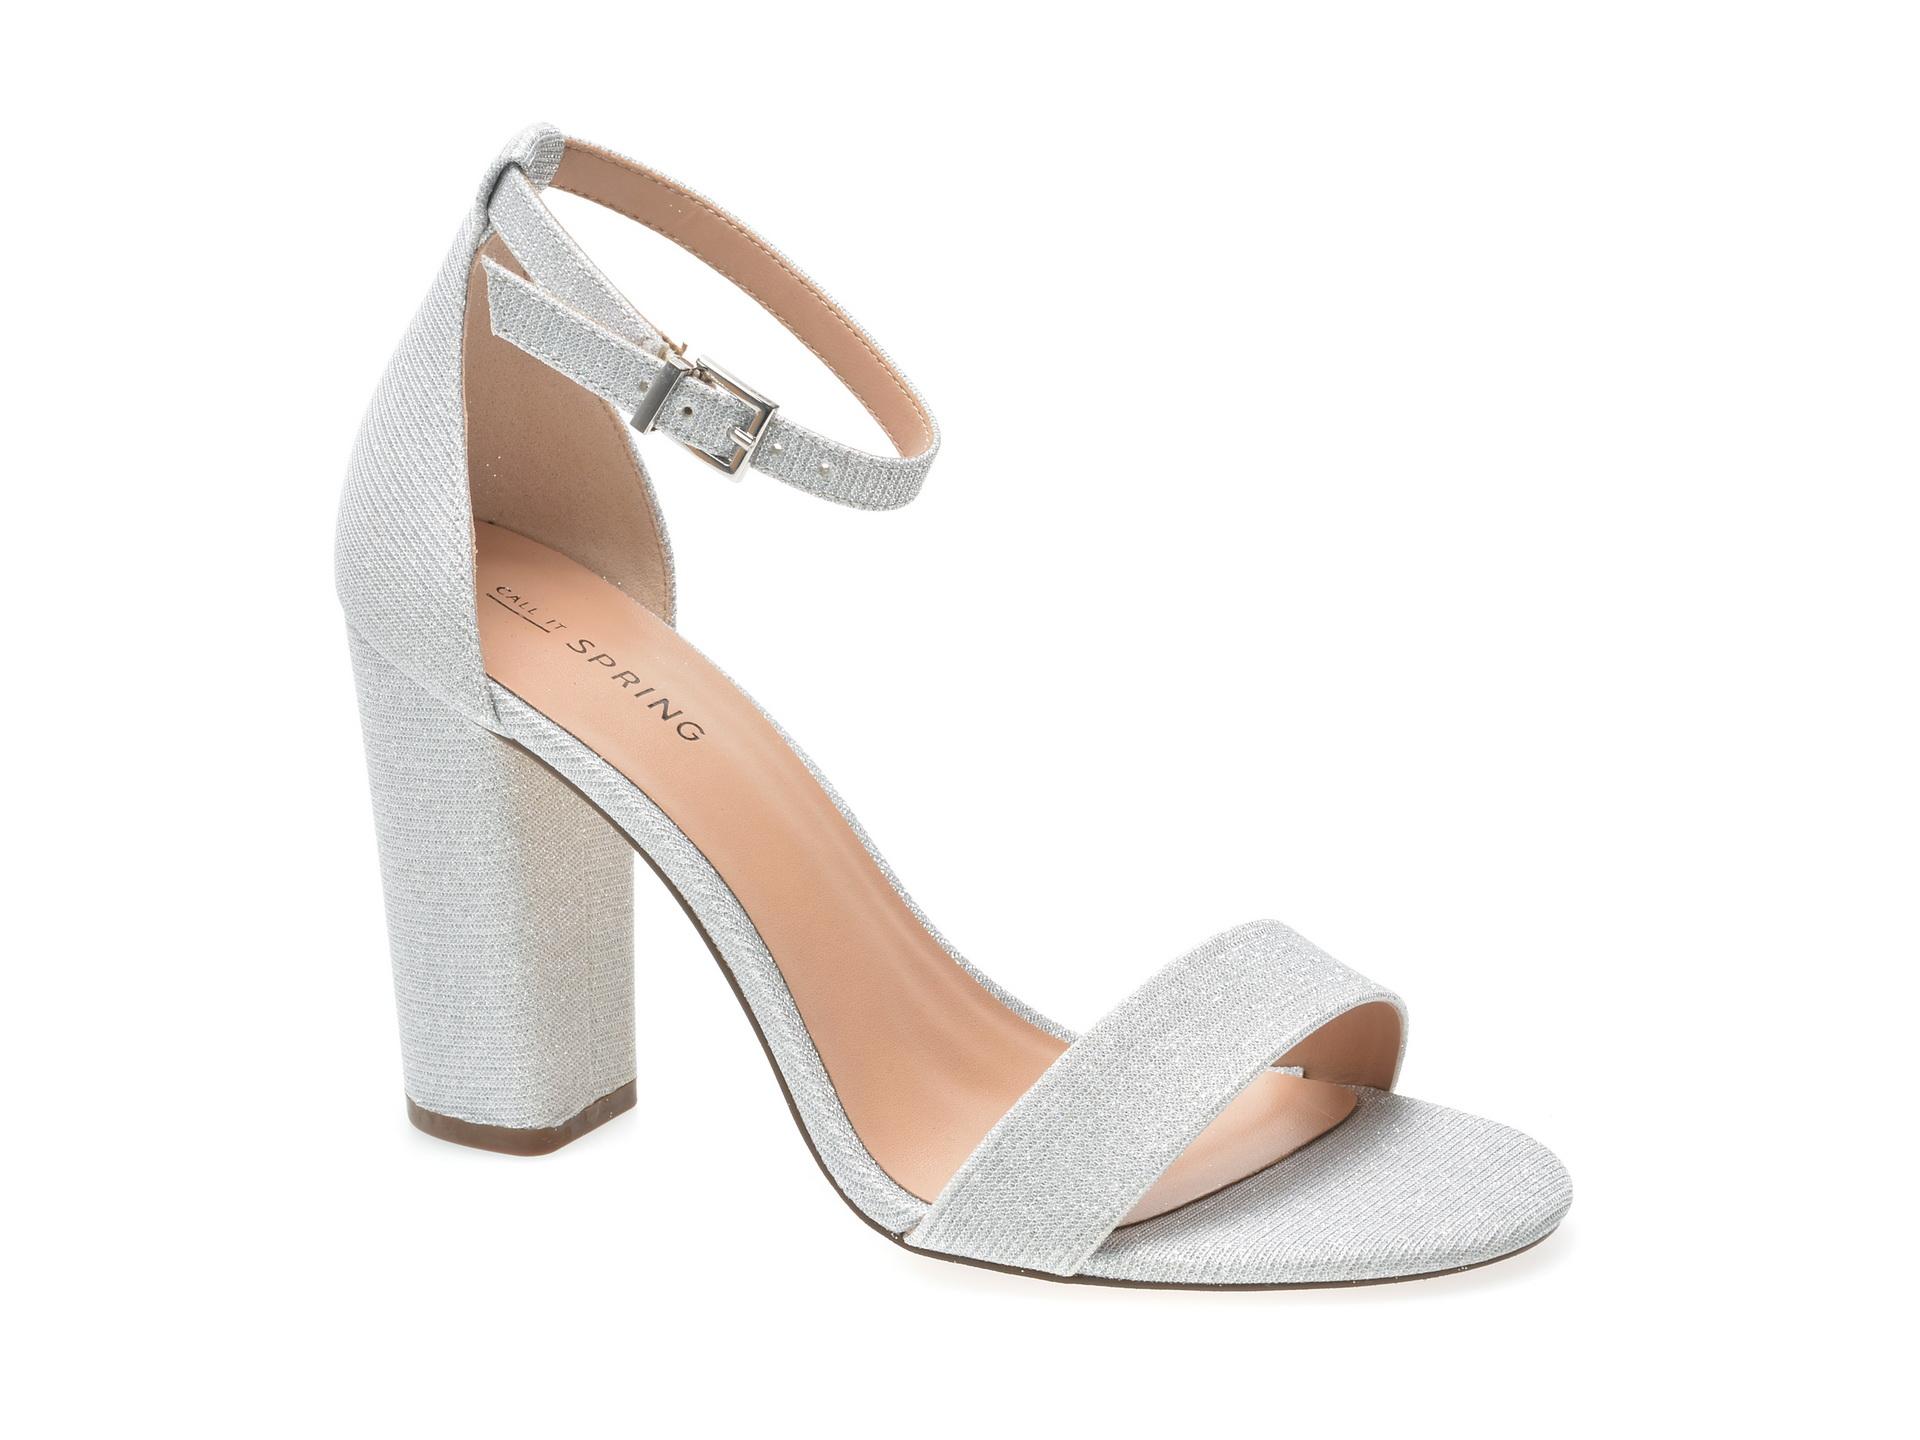 Sandale CALL IT SPRING argintii, Lore040, din piele ecologica